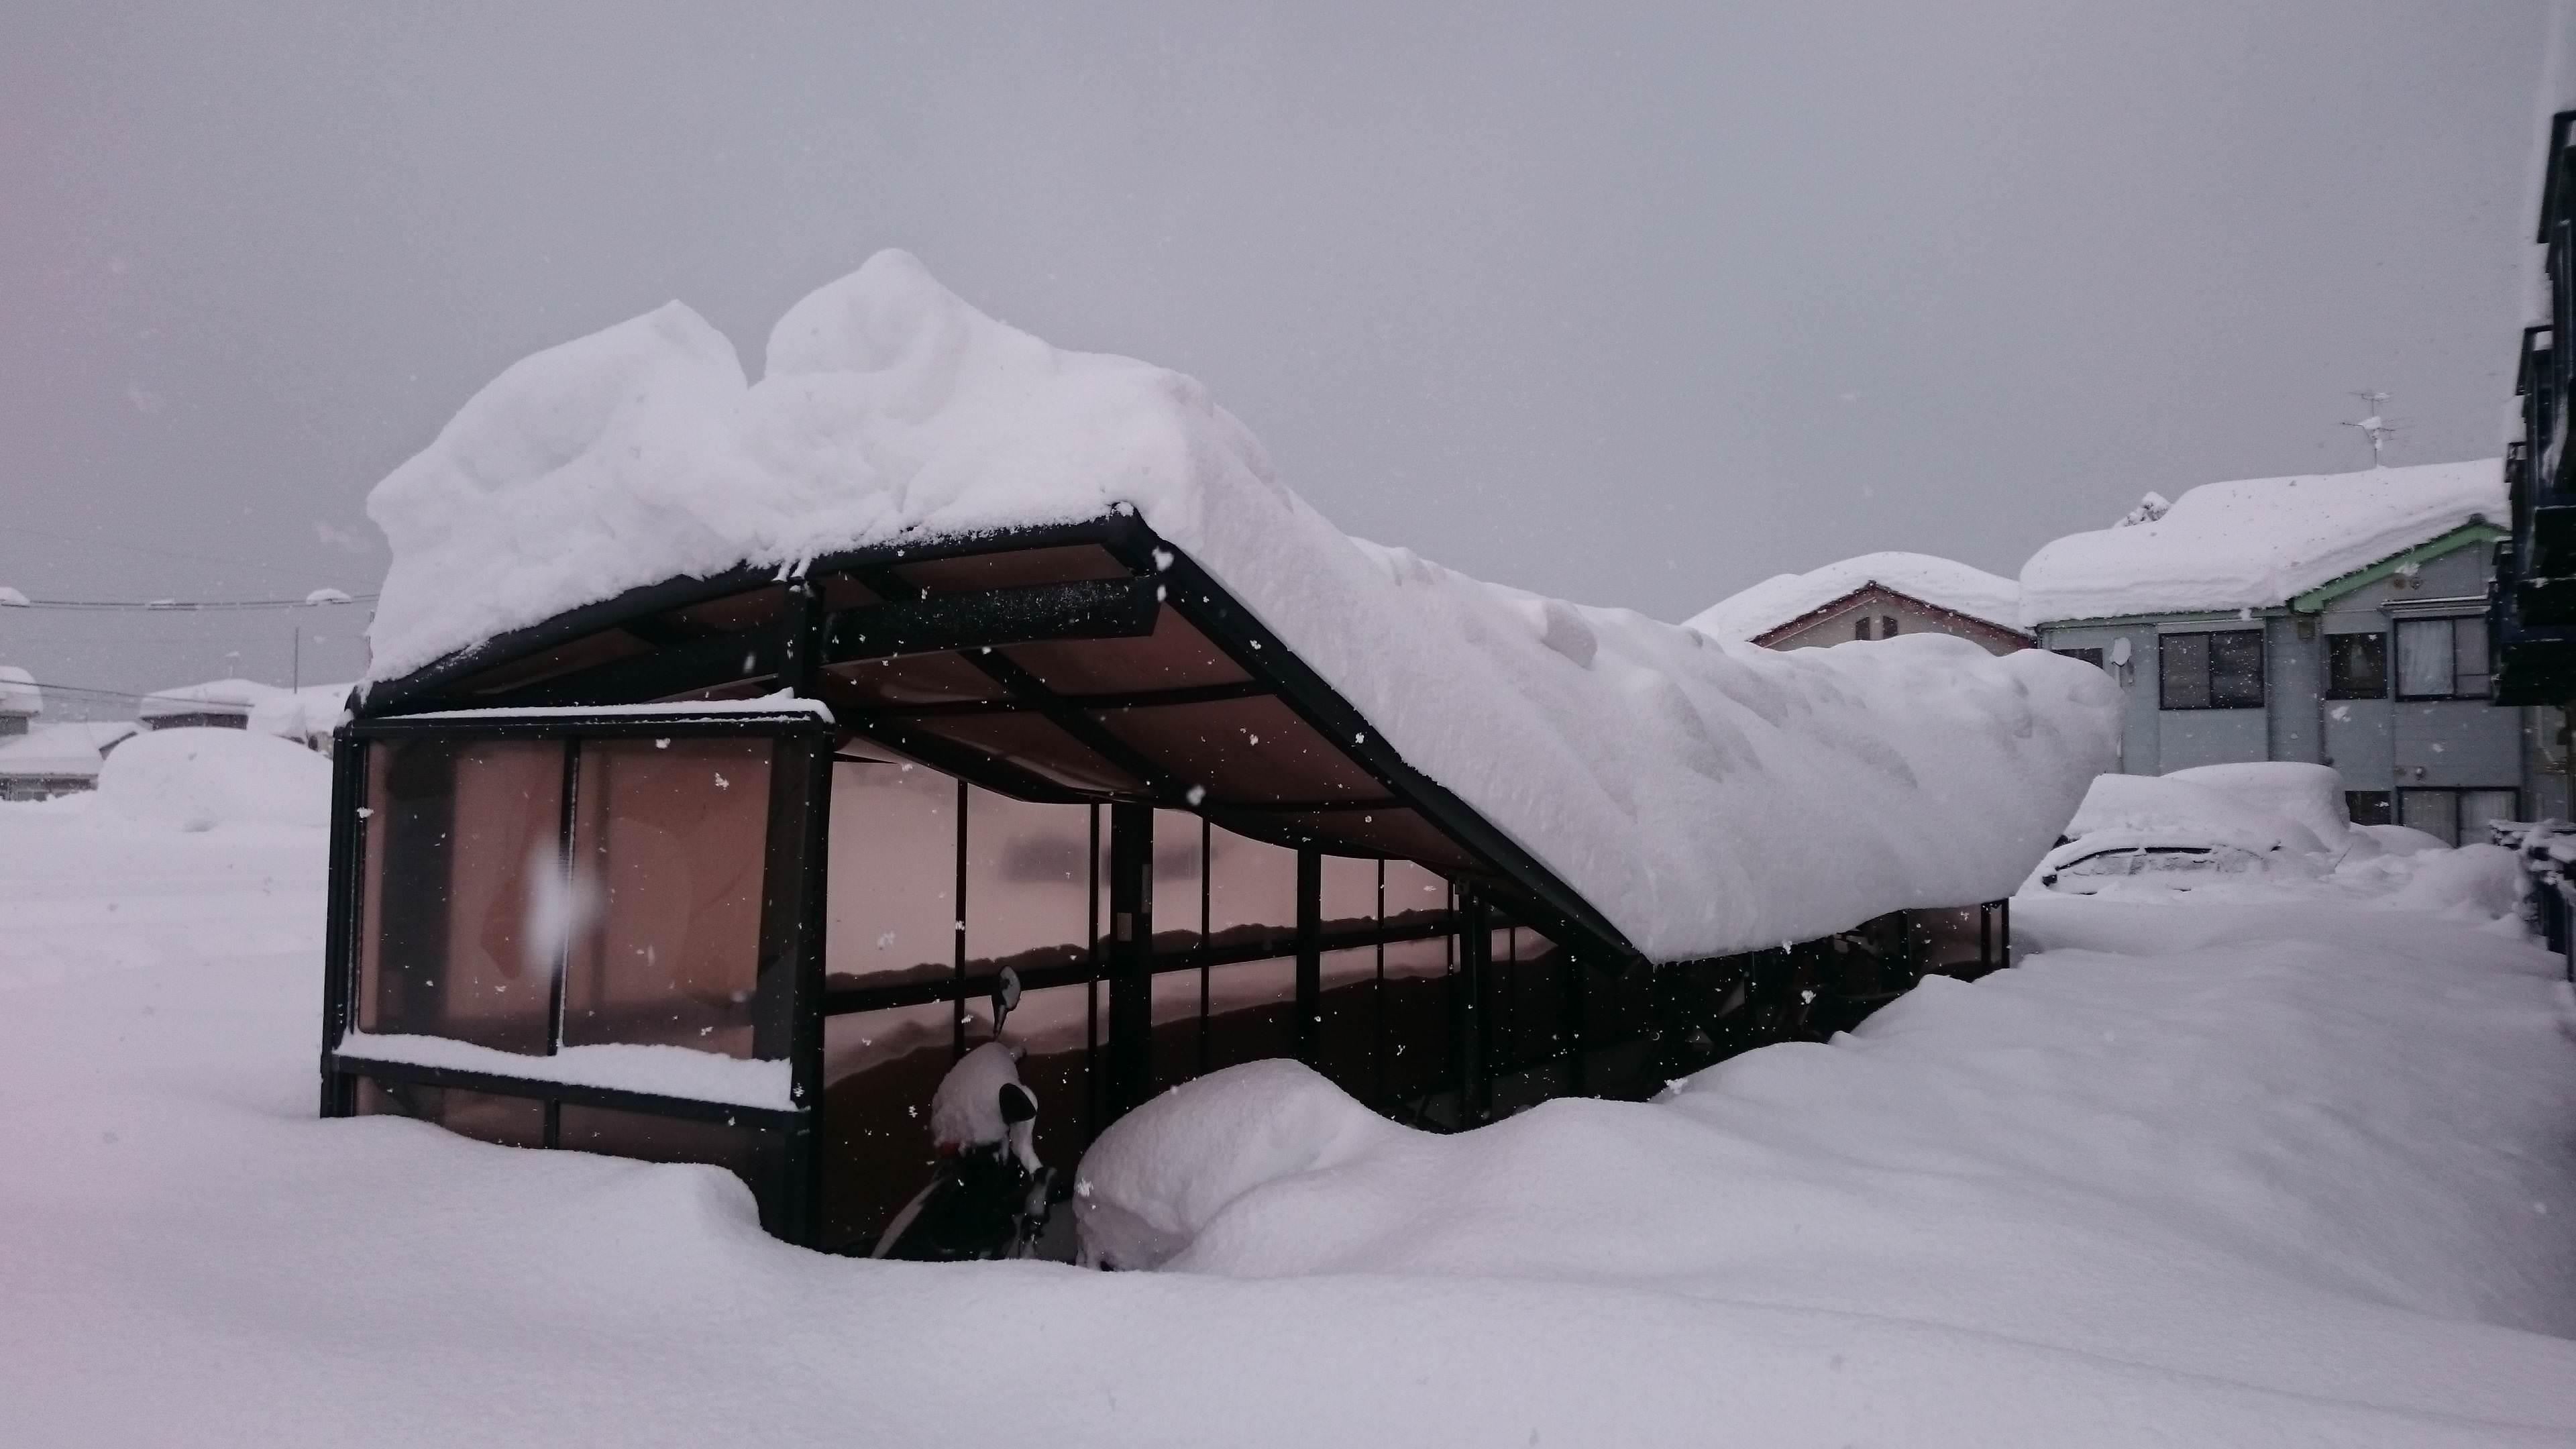 新潟市雪やばすぎてやべえええ絵w